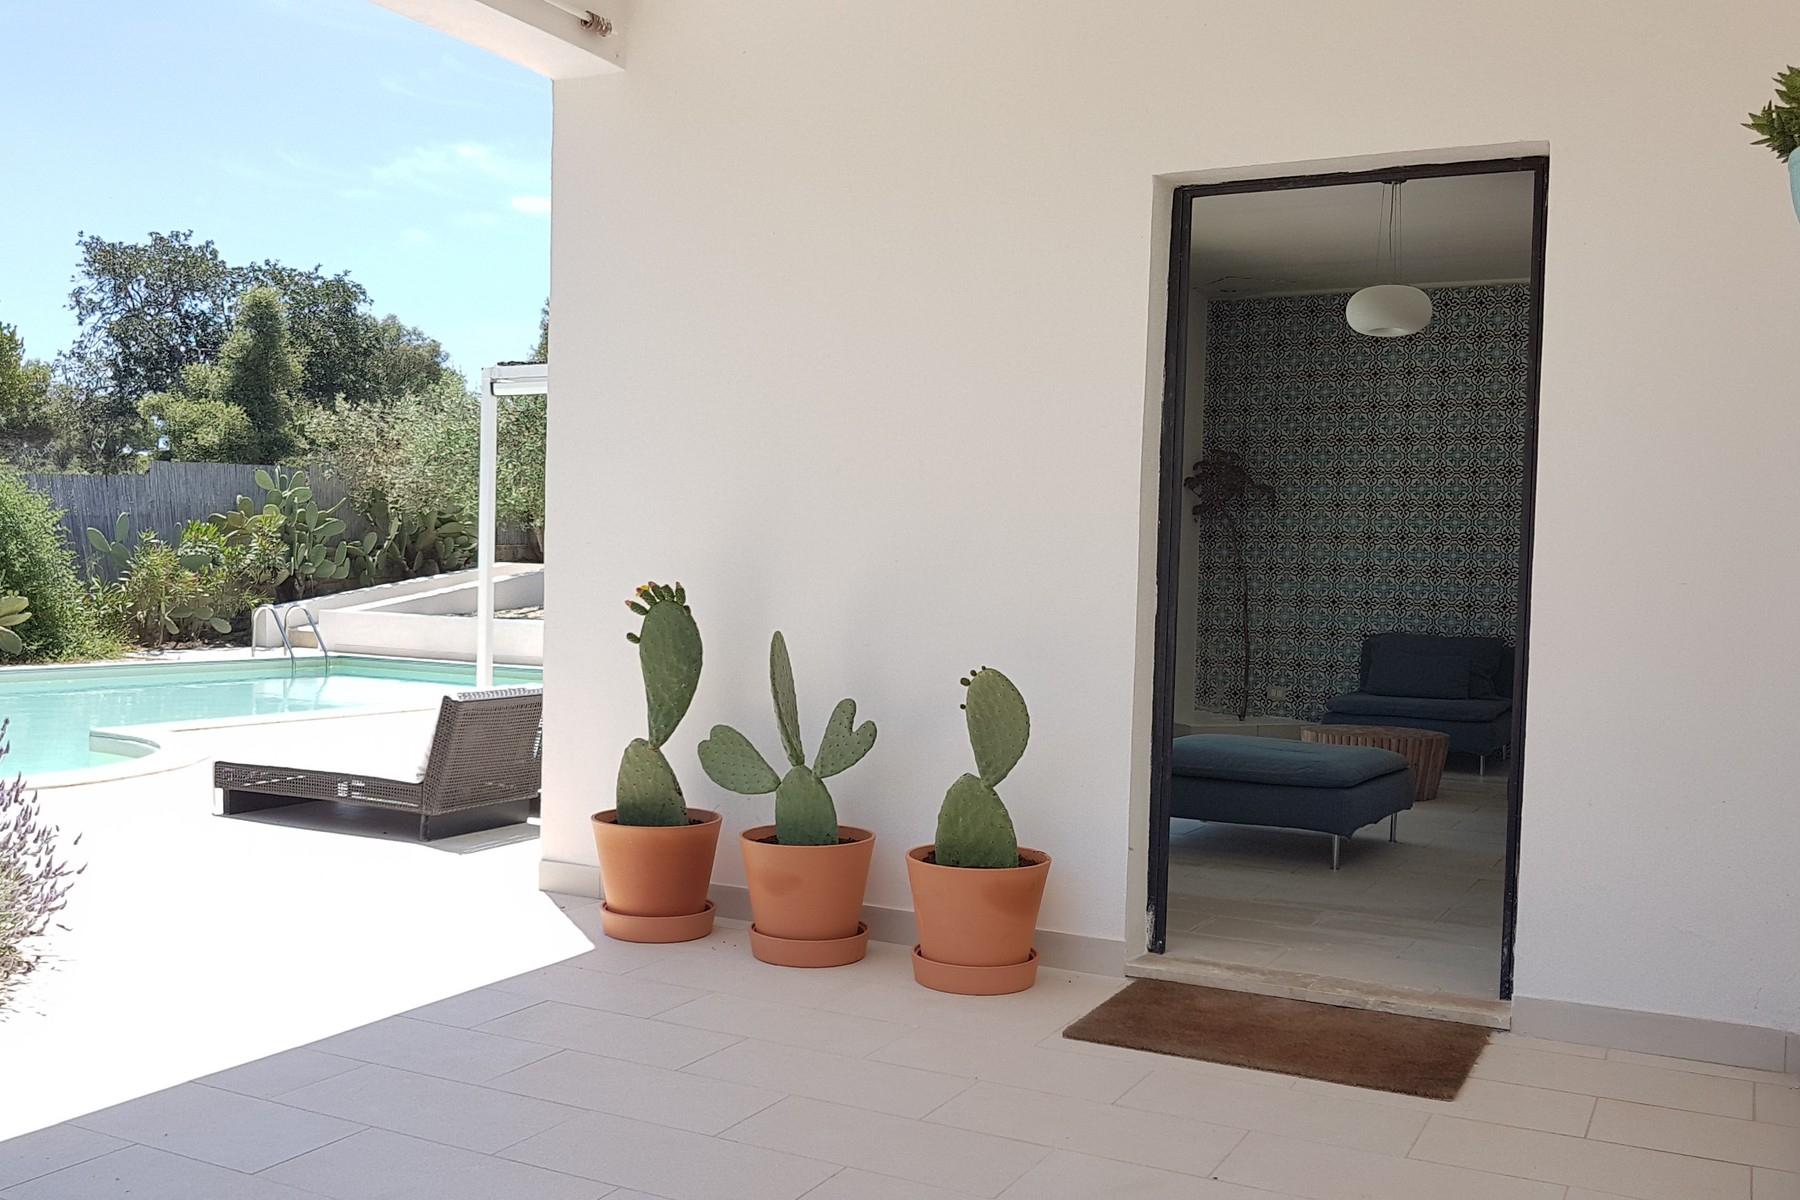 Villa in Vendita a Noto: 5 locali, 80 mq - Foto 3